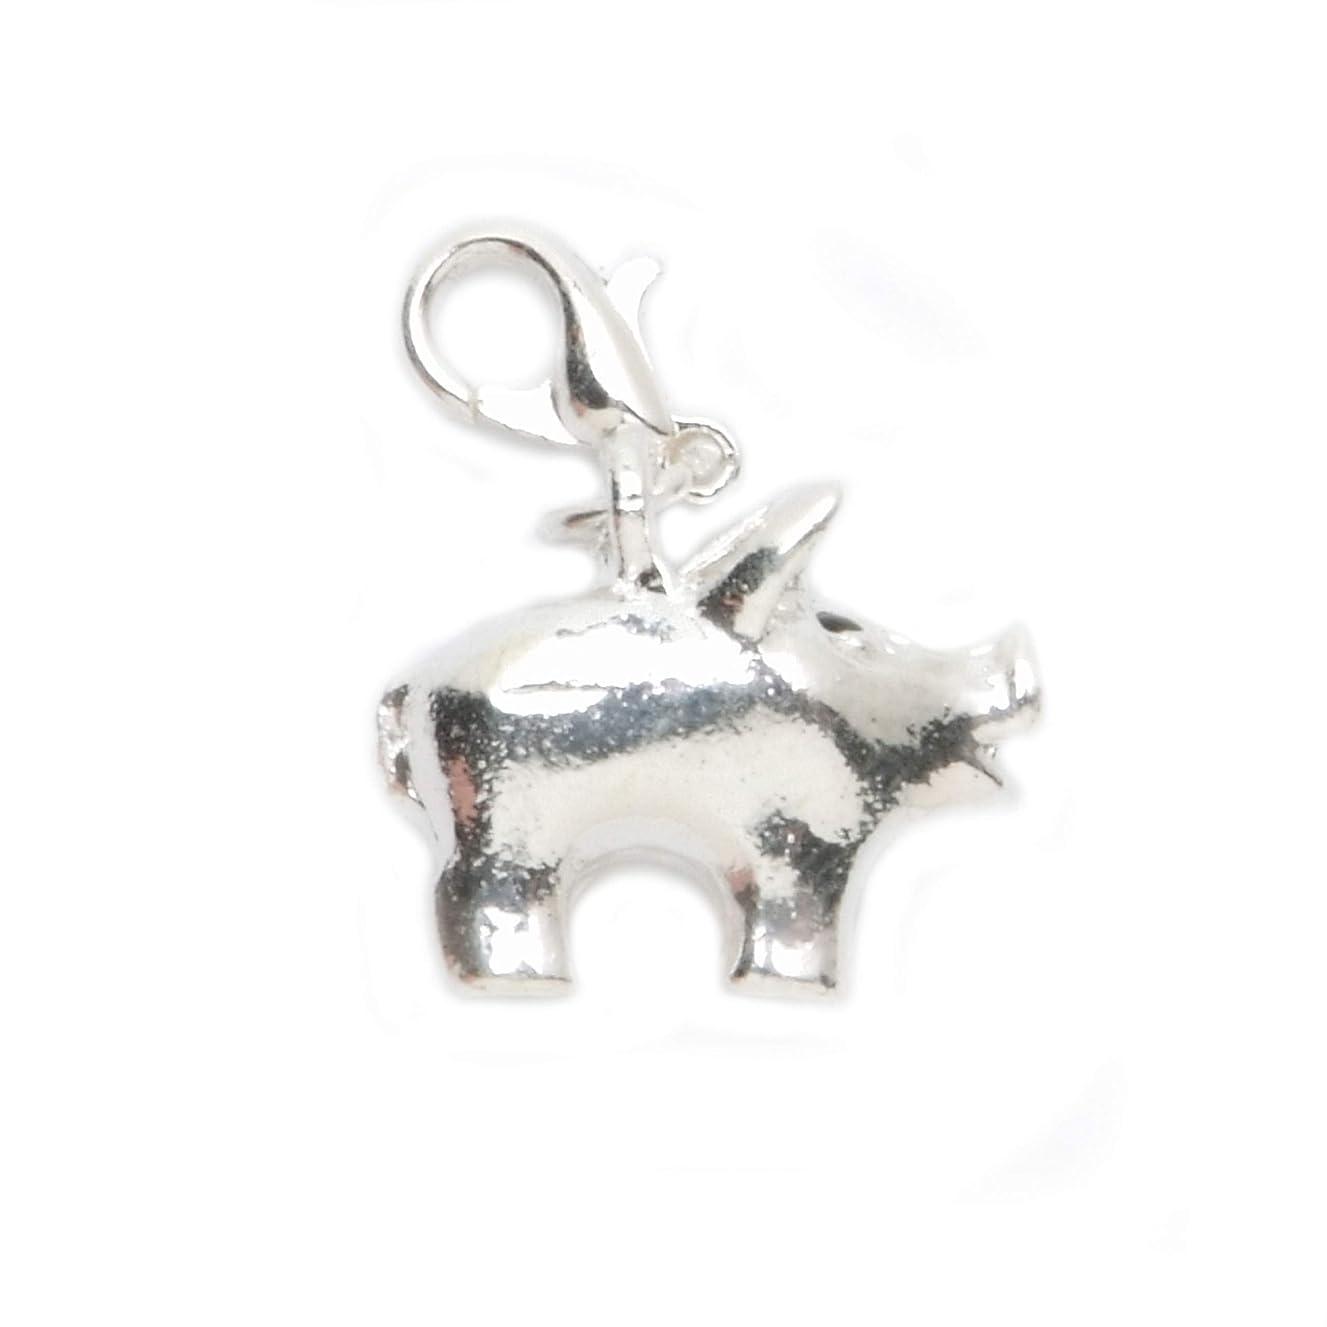 Darice JY080369 Lobsterclaw Charm Pig